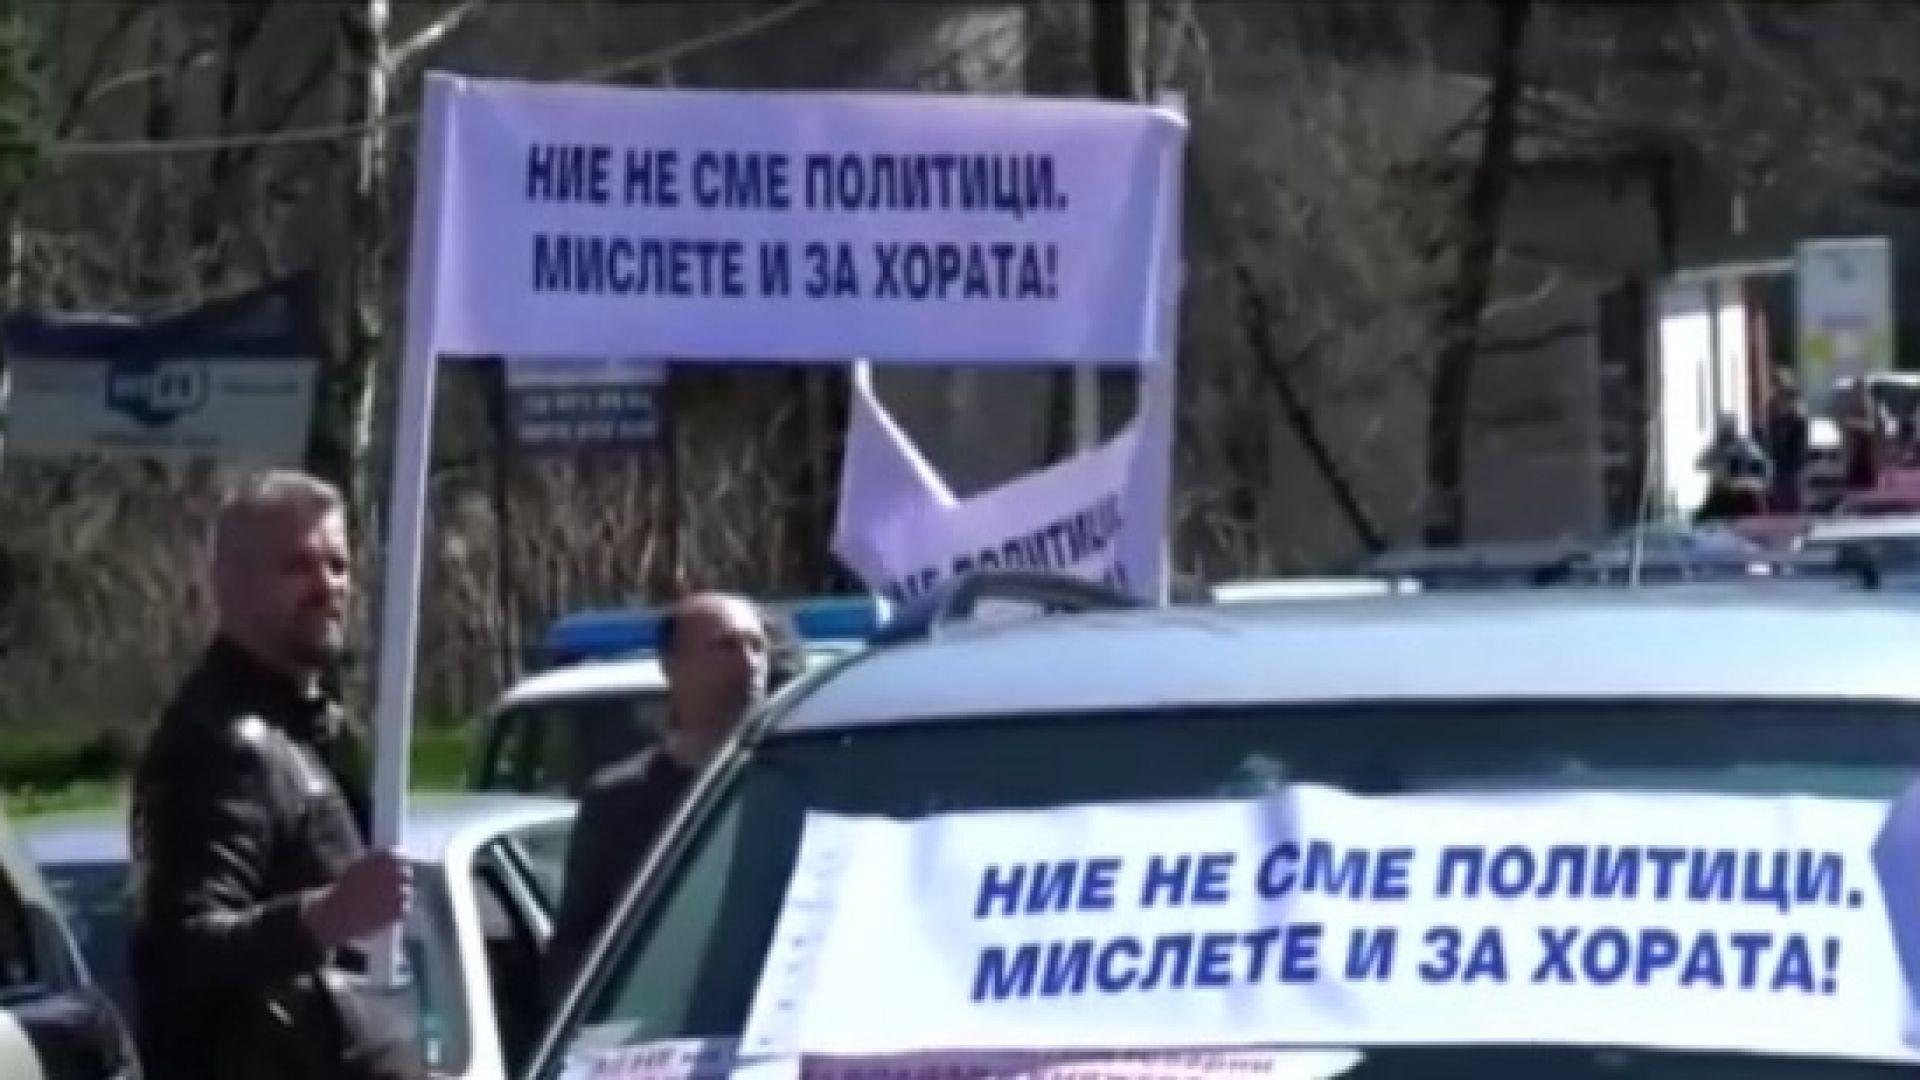 Спорен жп проект изкара на протест няколко столични квартала, Манолова също участва